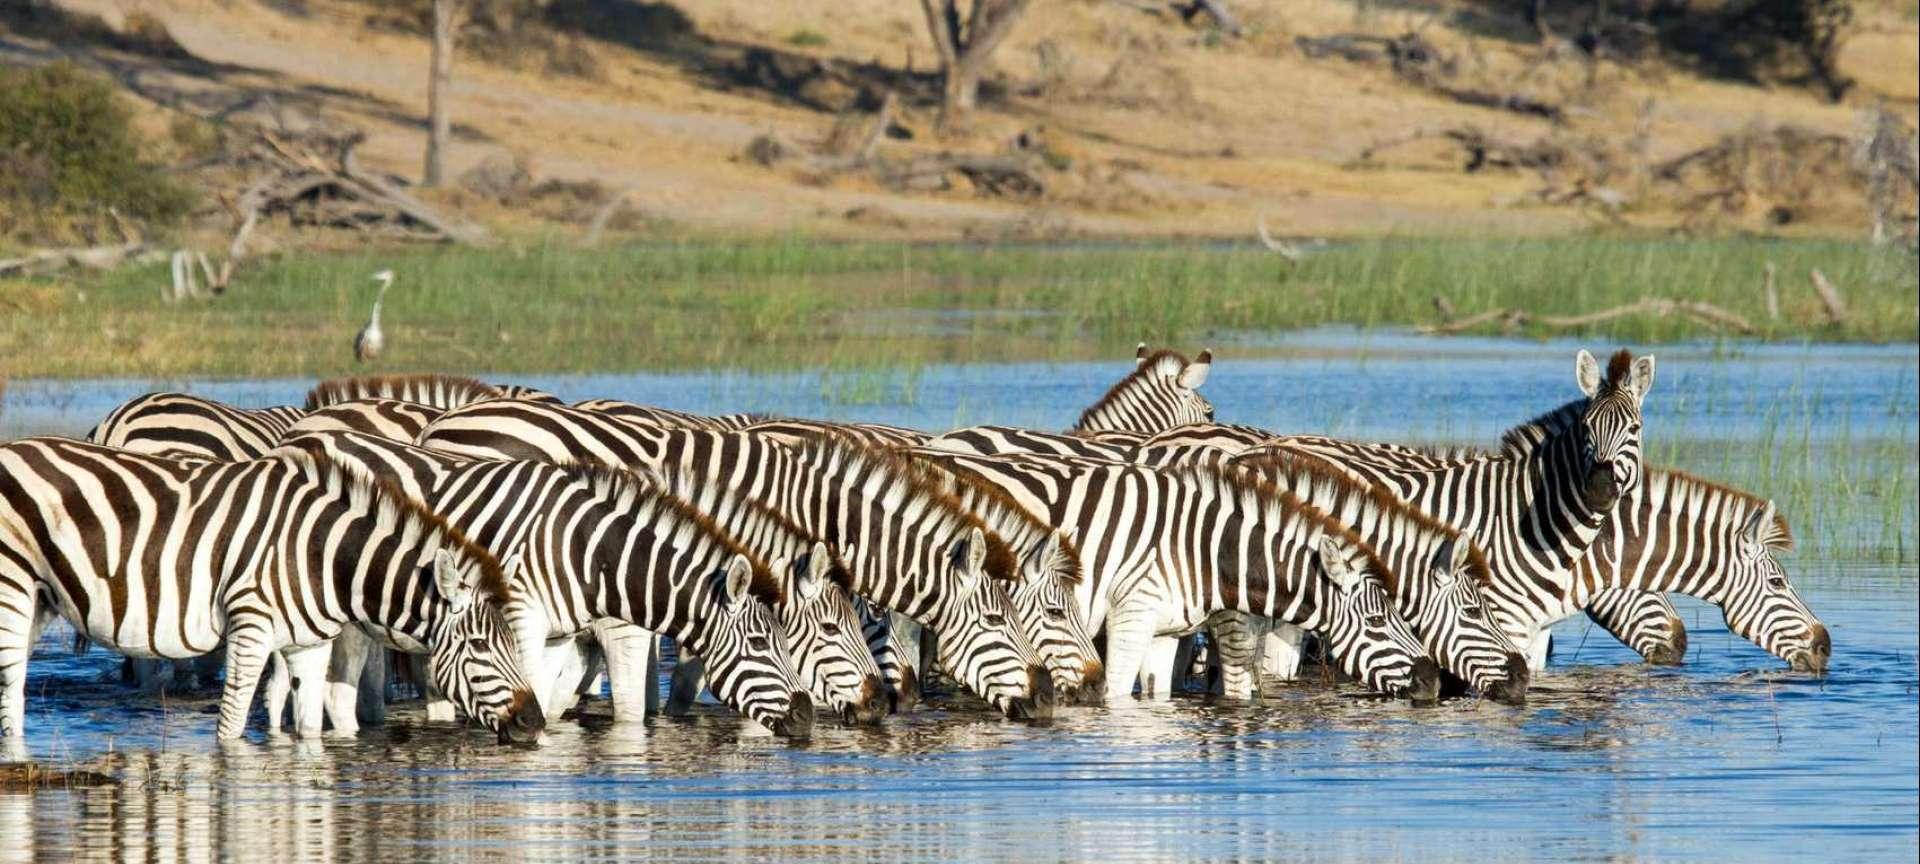 Makgadikgadi Pans - Africa Wildlife Safaris